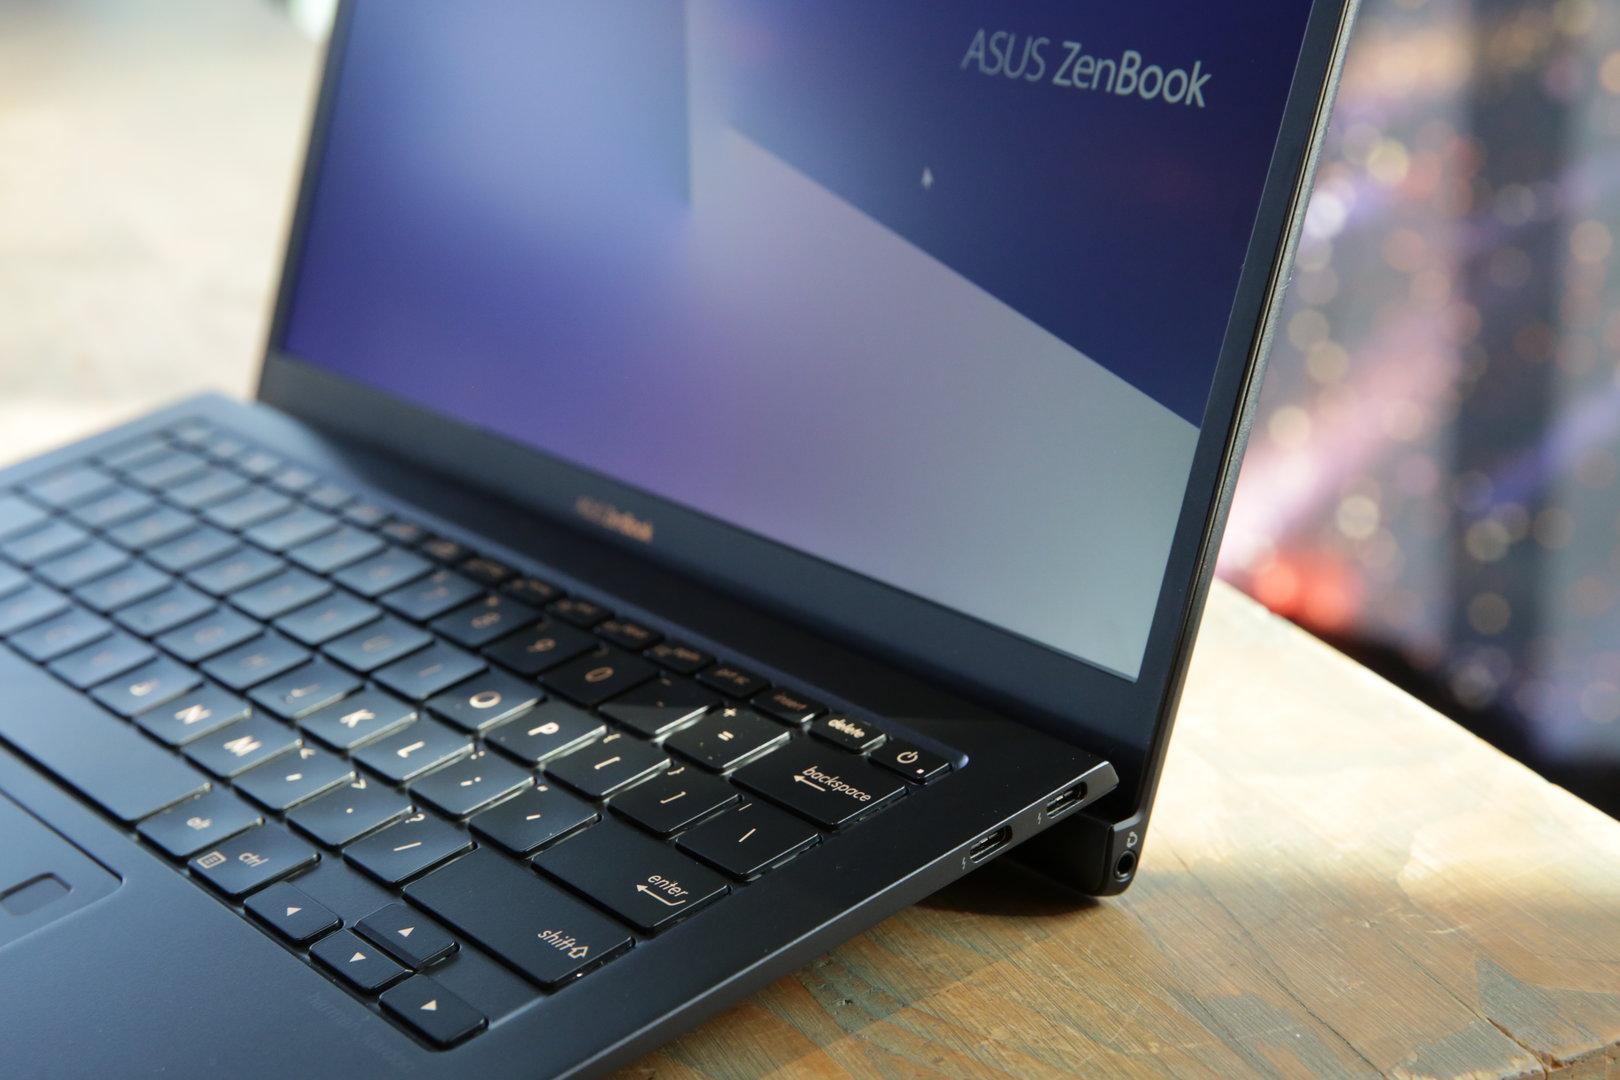 ZenBook S